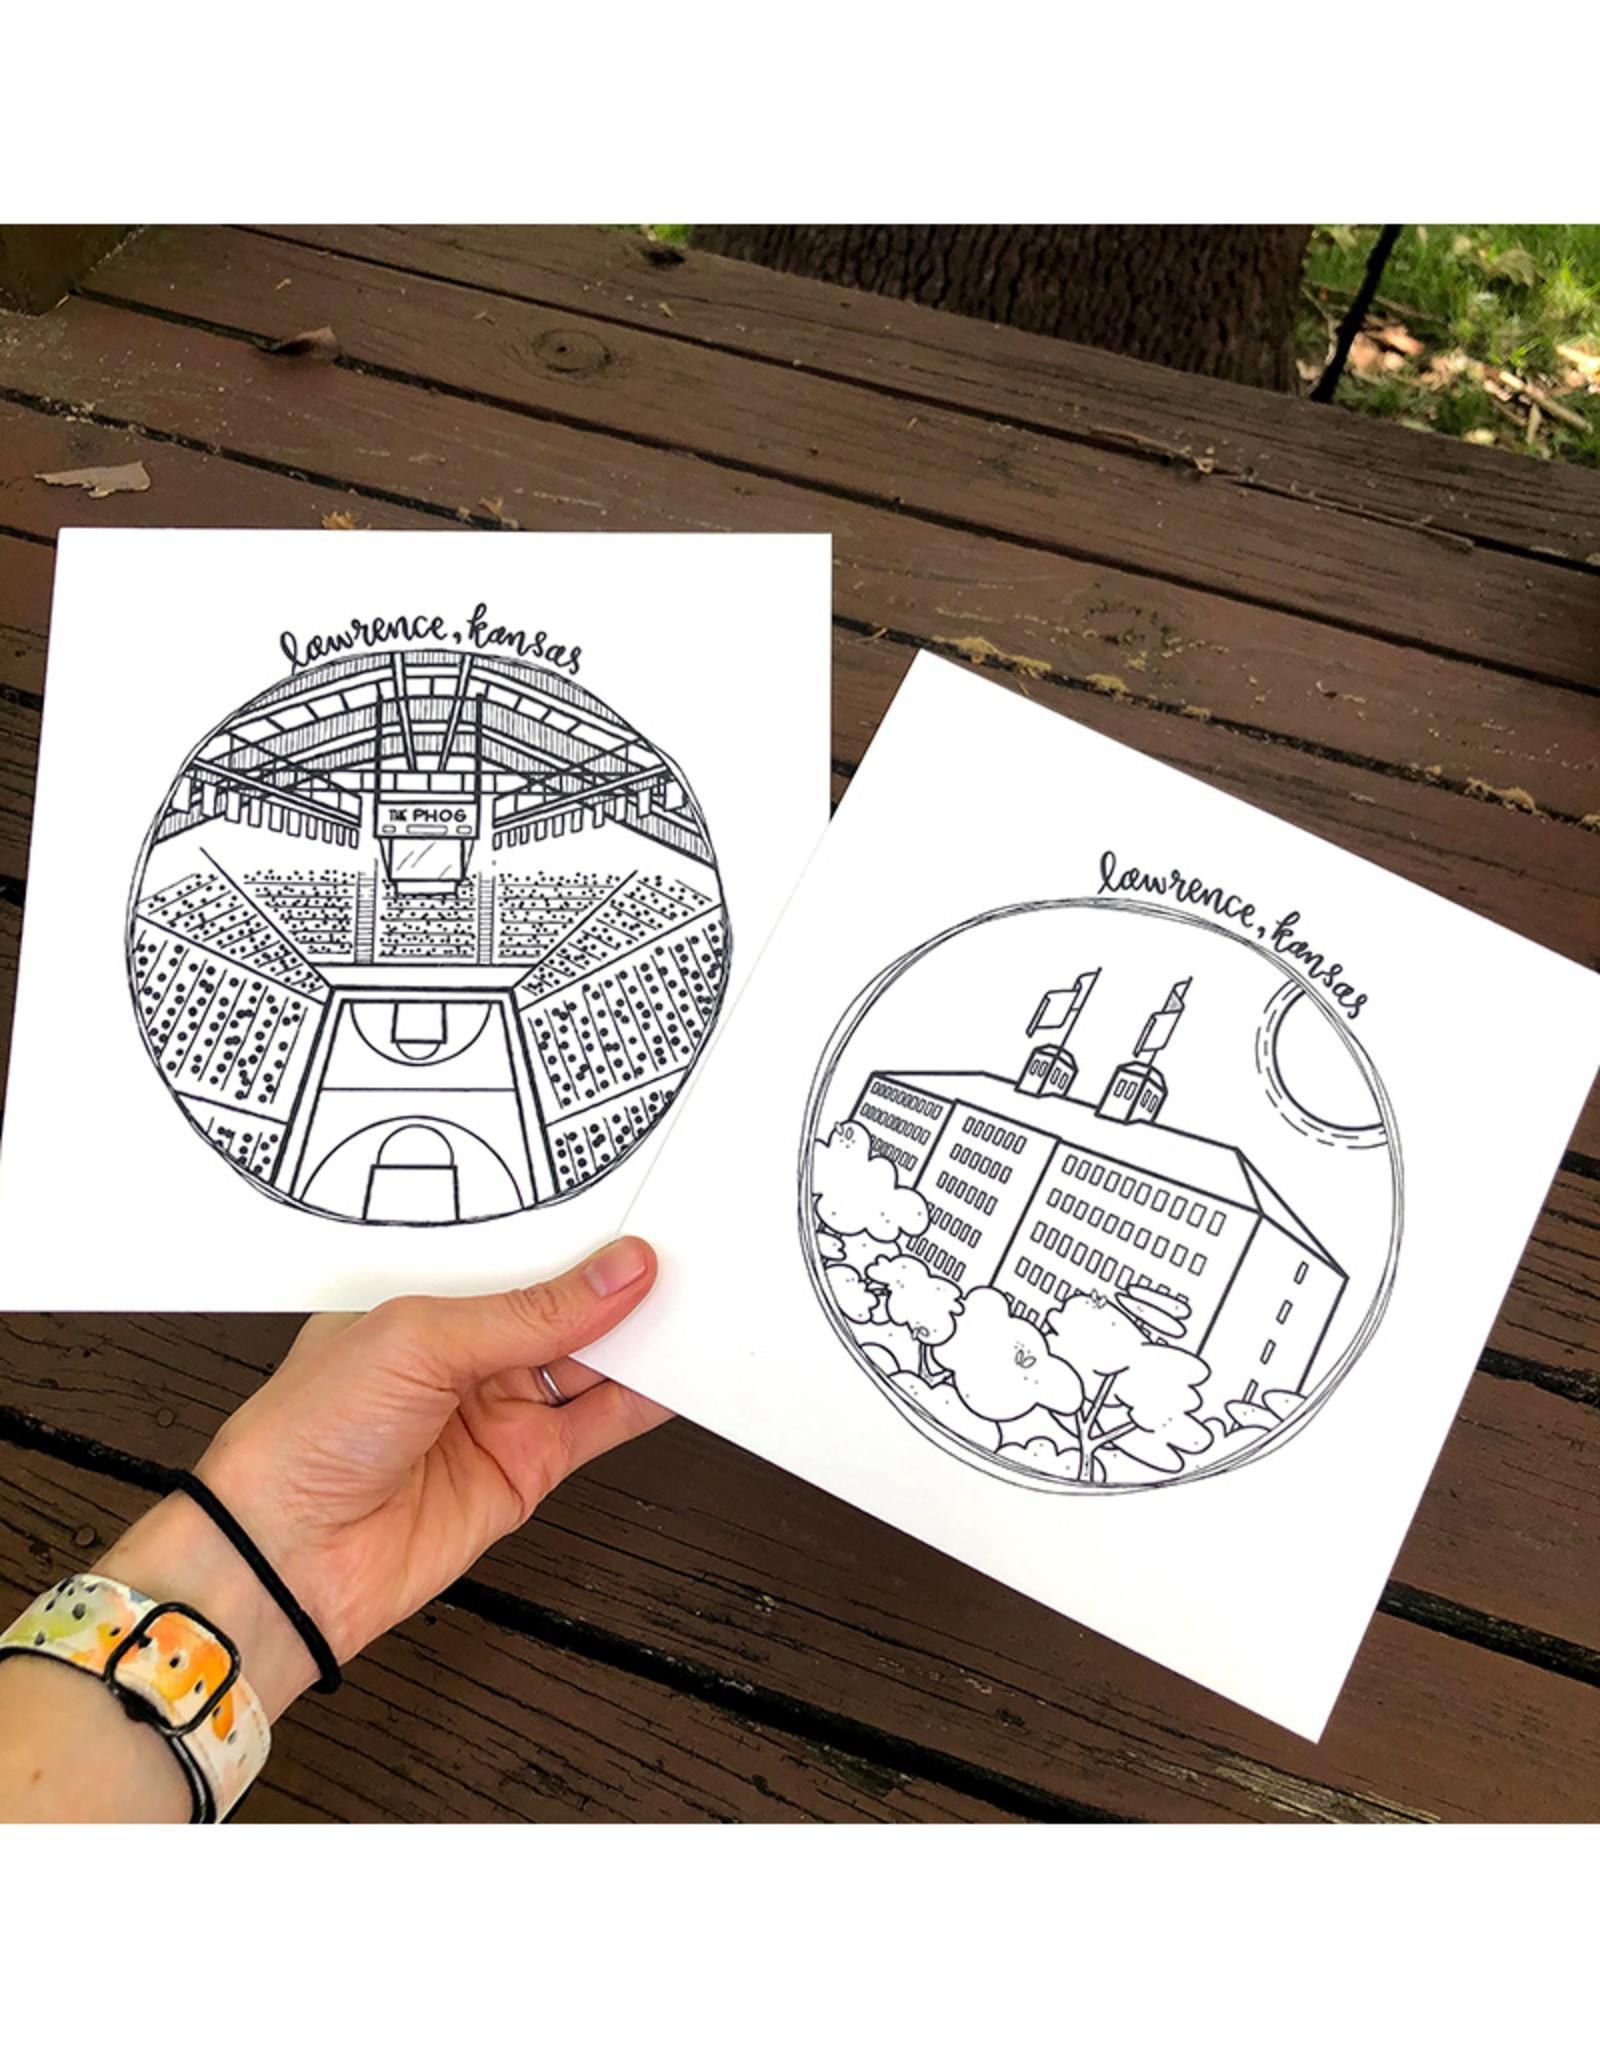 doodlestation Lawrence, KS Prints by DoodleStation